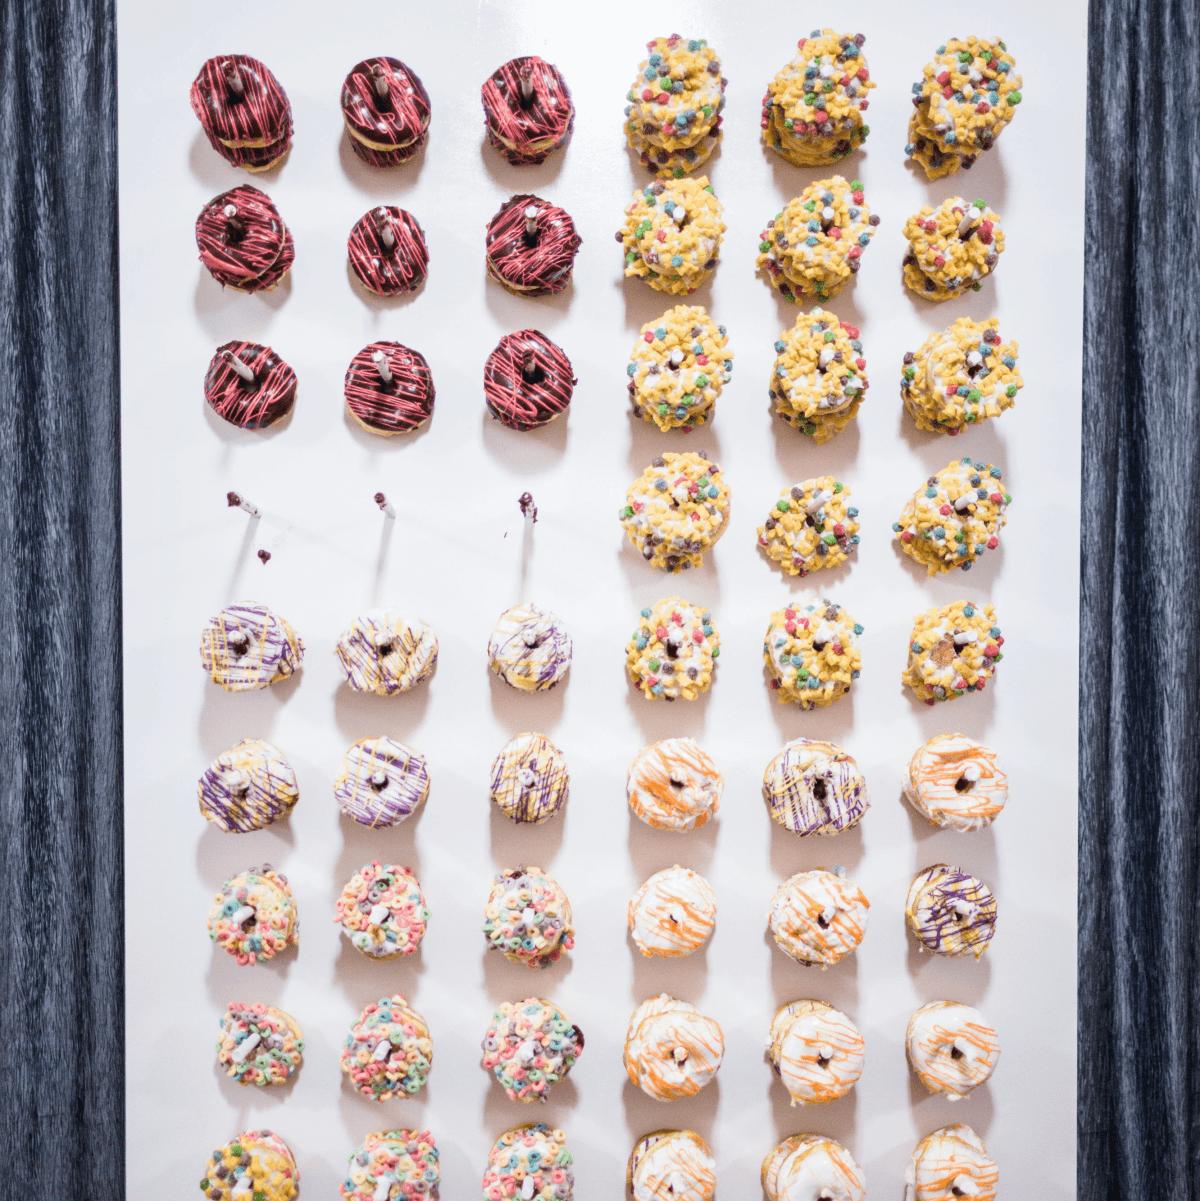 Blanton Museum of Art B Scene Inevitable Warhol Happening 2016 Voodoo Doughnuts